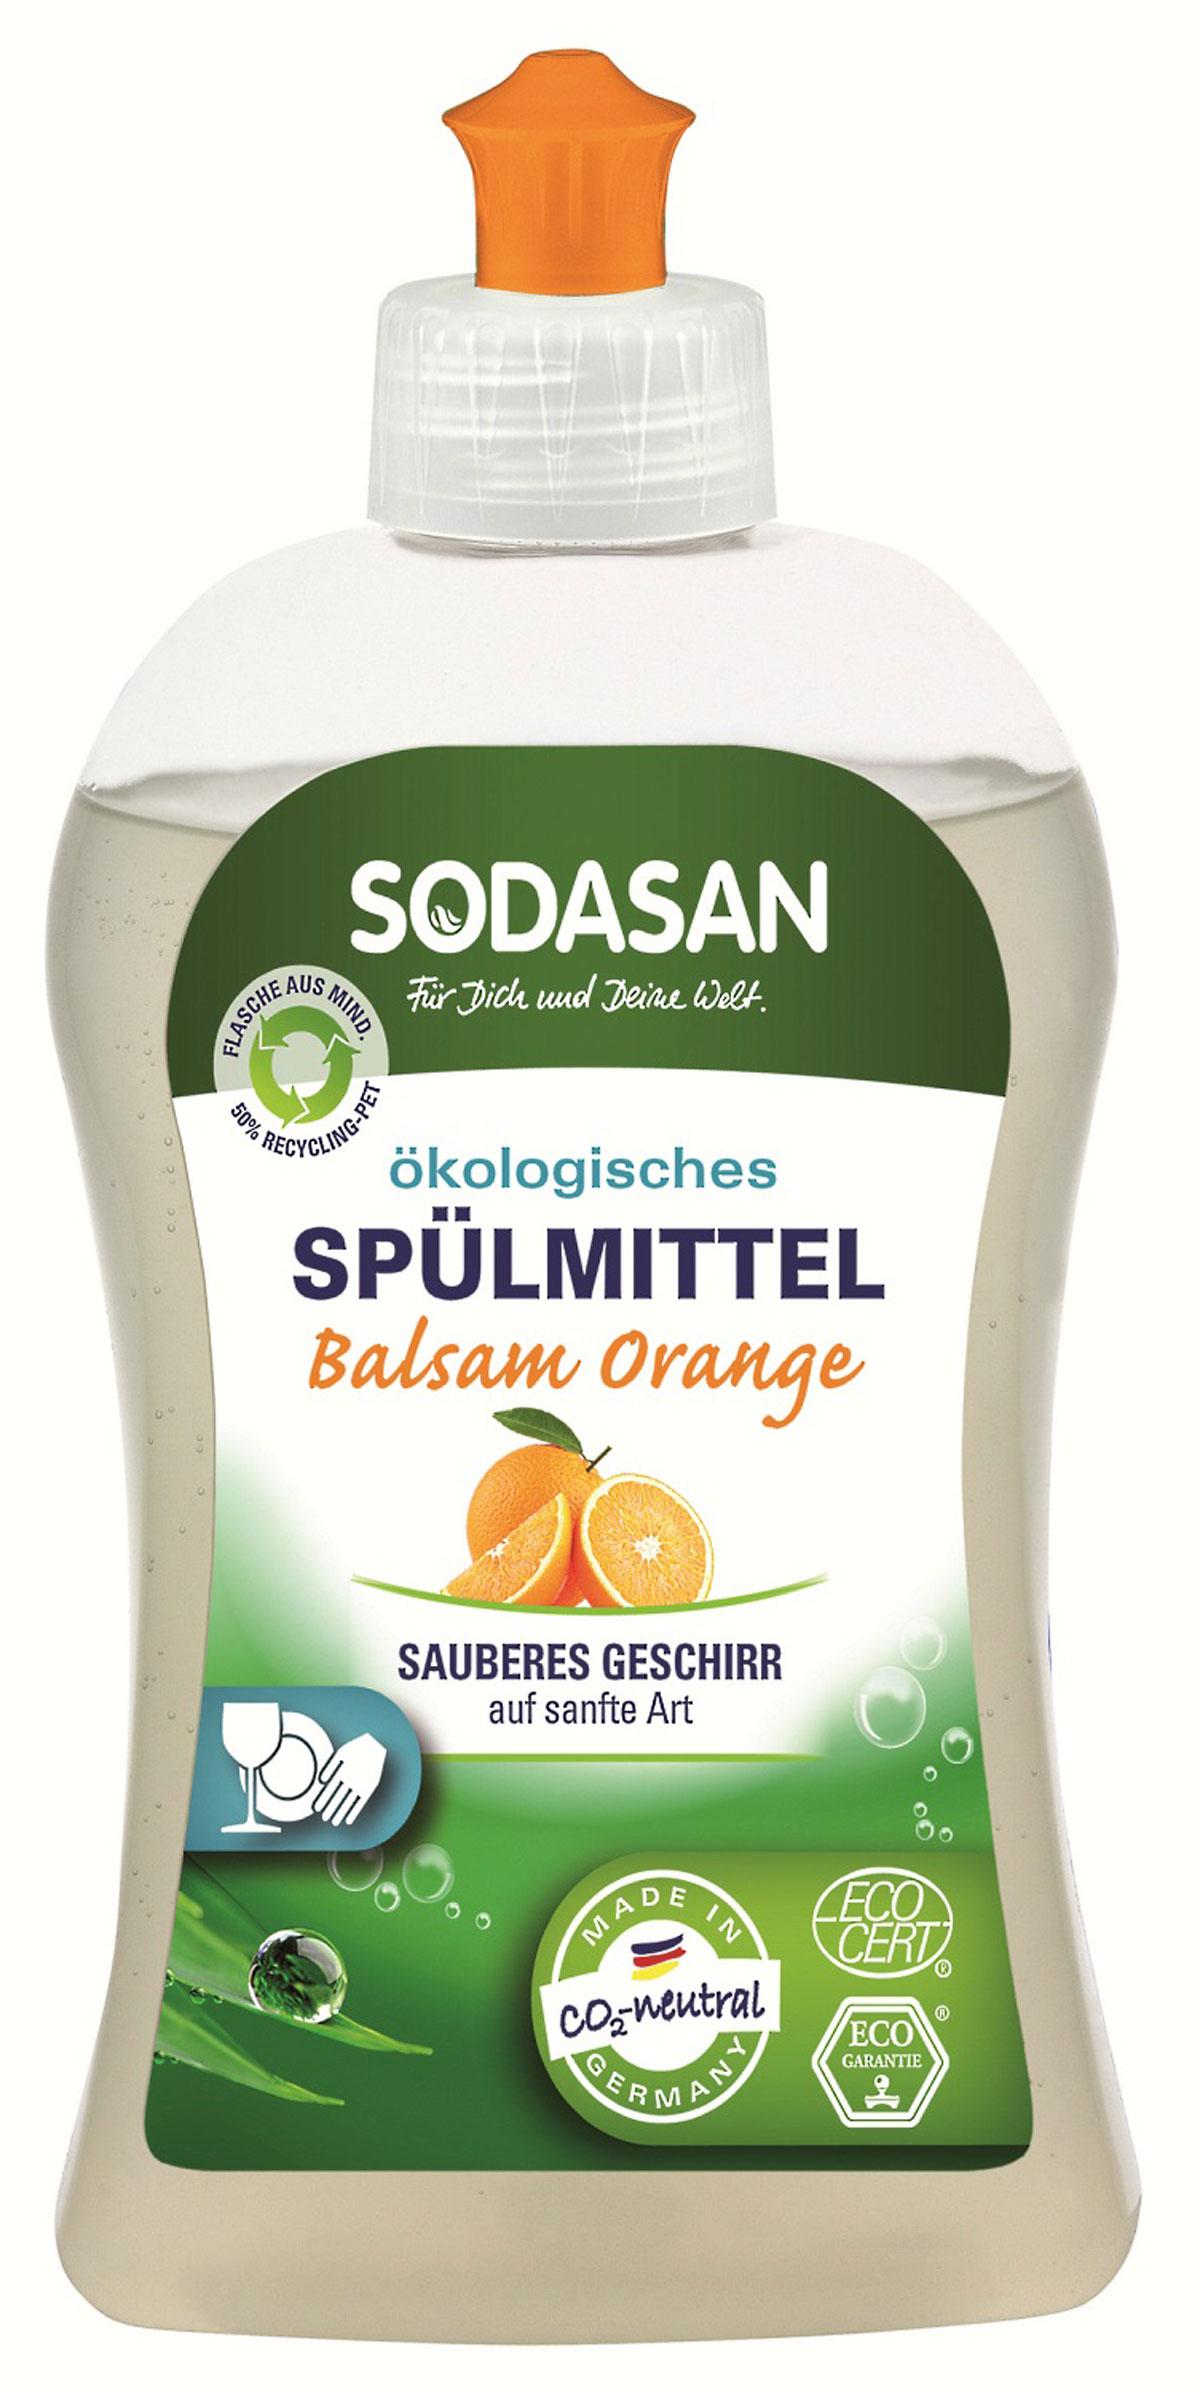 Жидкое средство Sodasan для мытья посуды, с запахом апельсина, 500 мл16218Жидкое средство Sodasan качественно и безопасно моет посуду без лишних усилий. Быстро удаляет загрязнения и жир. Придает посуде блеск и не оставляет разводов.В состав входят только безопасные растительные ингредиенты органического происхождения.Специальная формула защищает ваши руки от пересыхания и делает их мягкими на ощупь.Экономично в использовании.